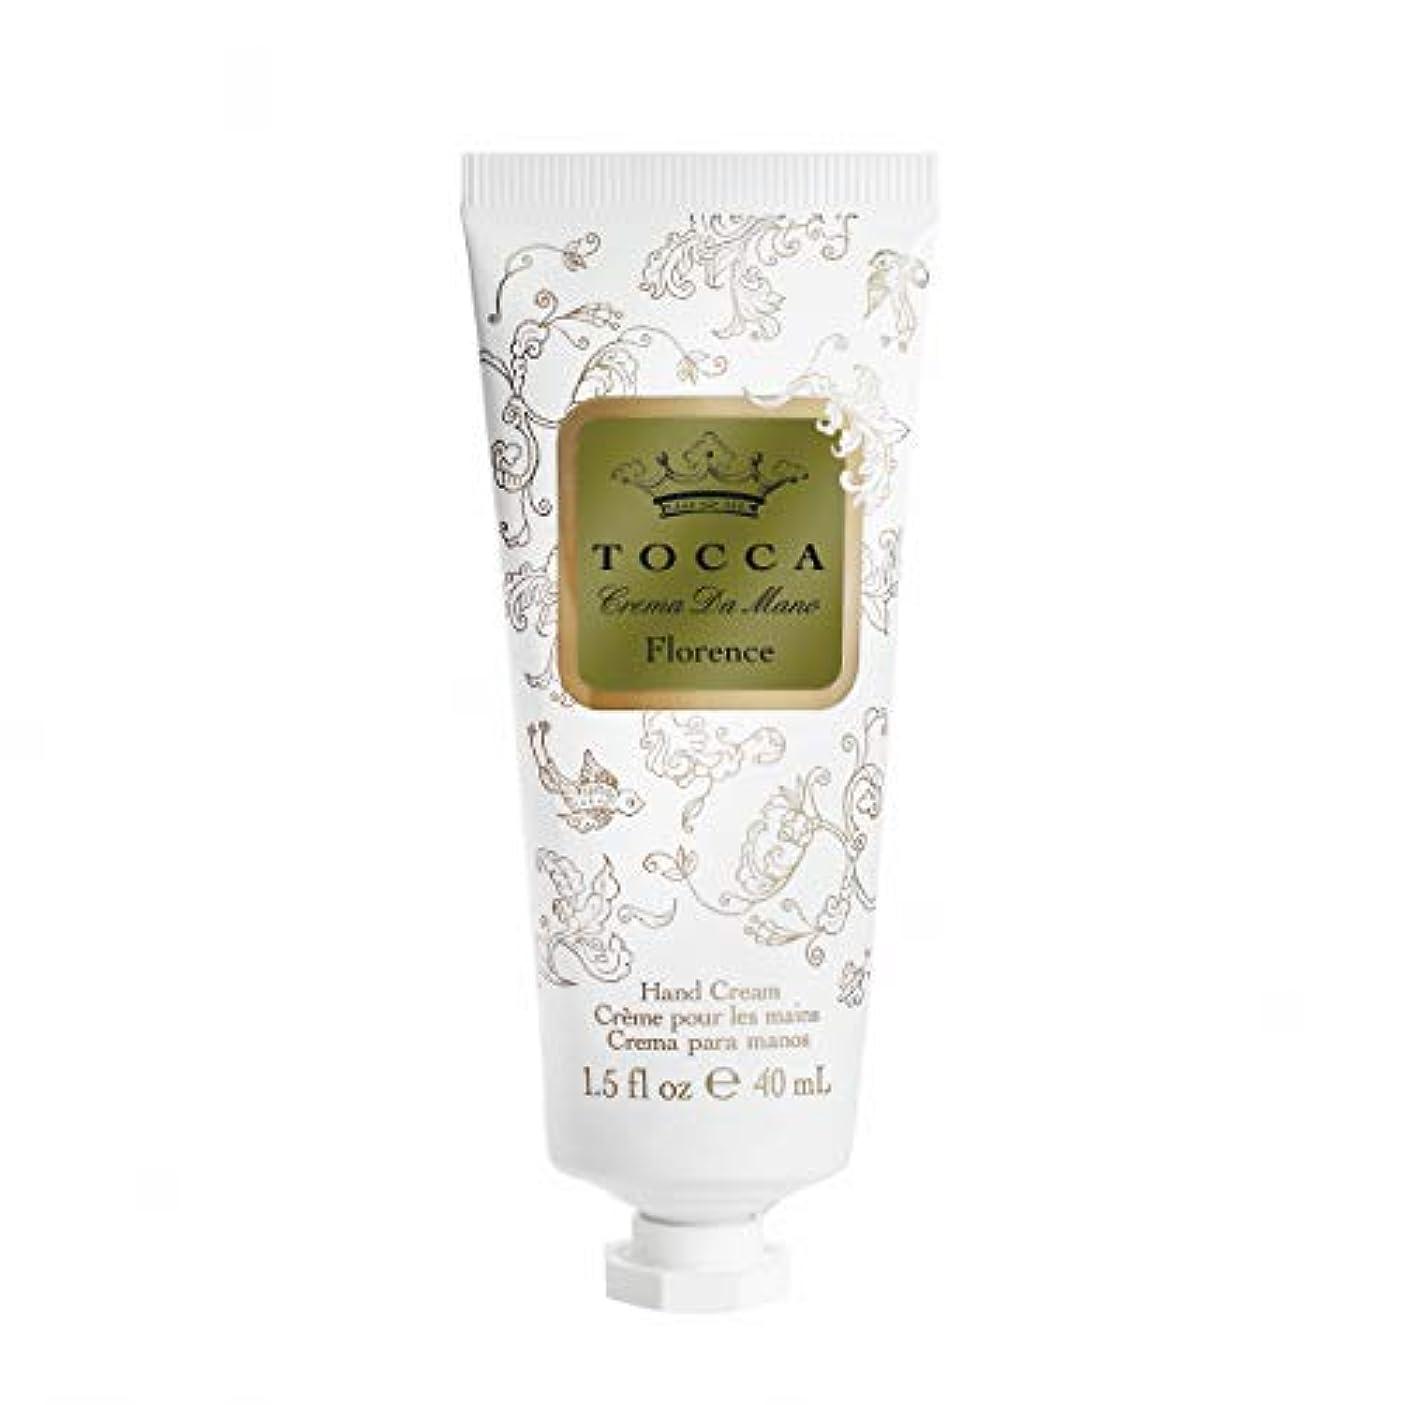 ヶ月目政権メンバートッカ(TOCCA) ハンドクリーム フローレンスの香り 40mL (ガーデニアとベルガモットが誘うように溶け合うどこまでも上品なフローラルの香り)